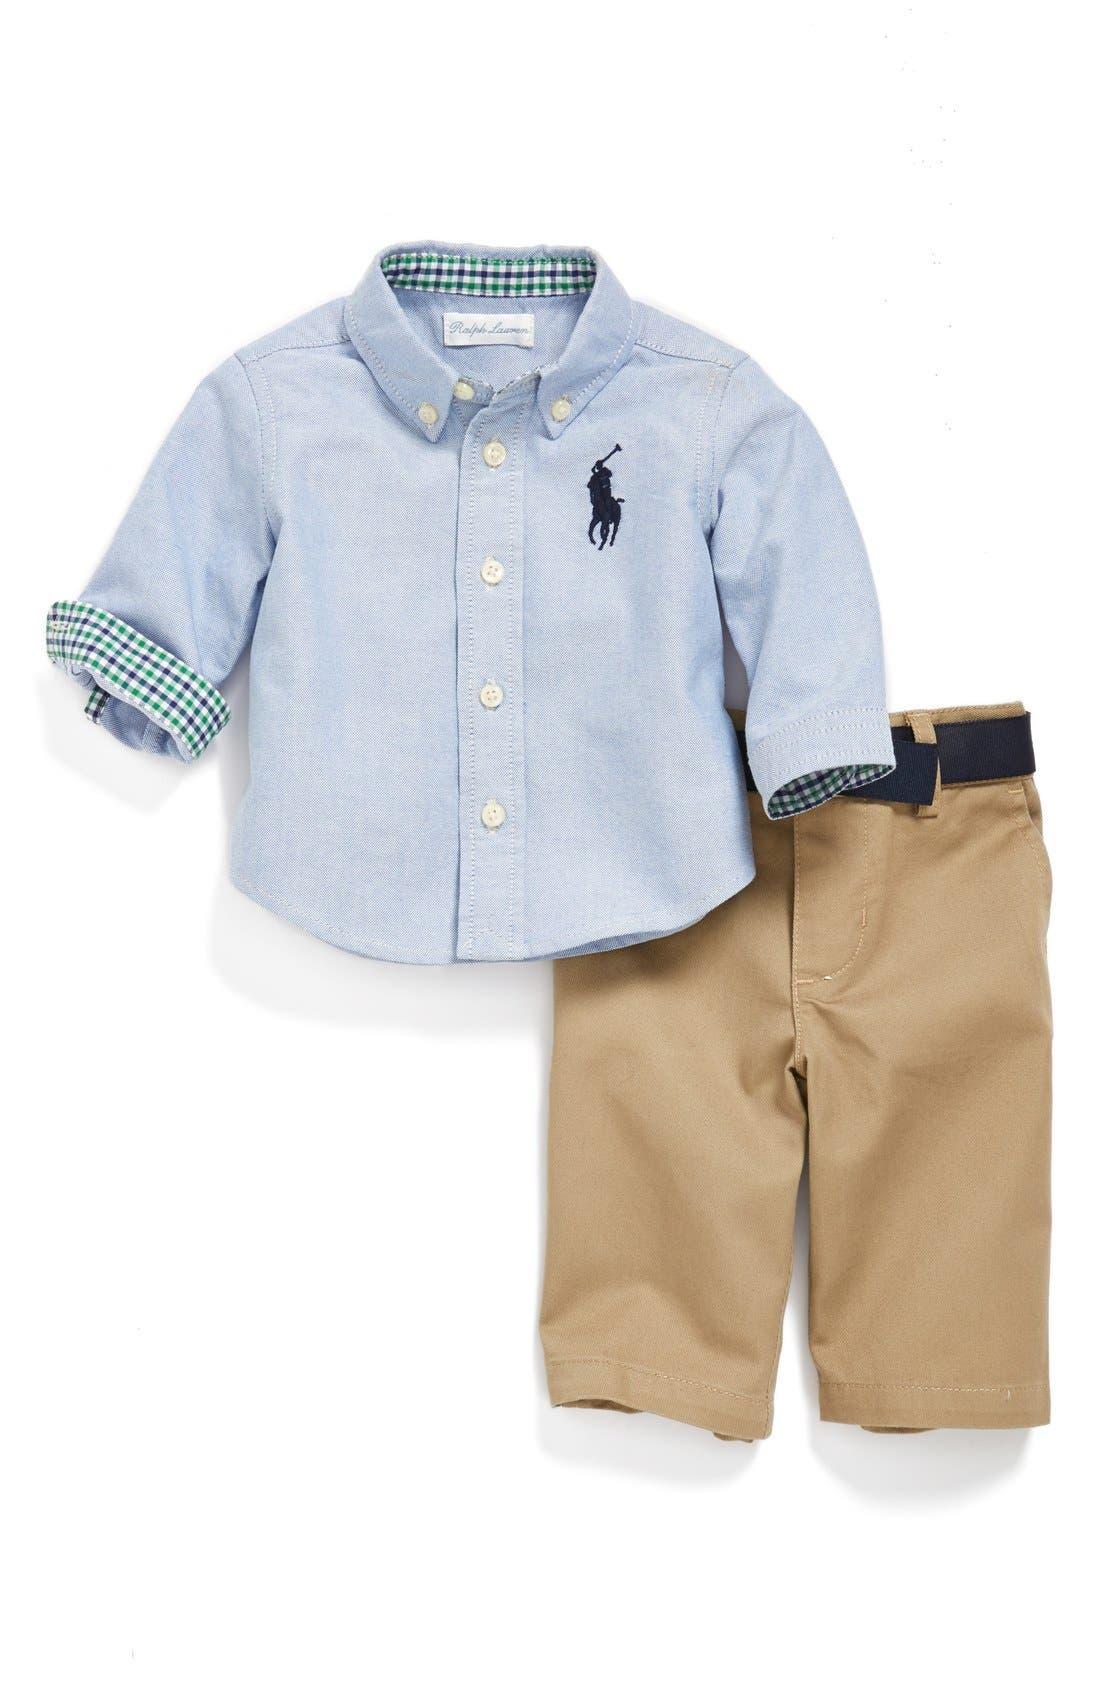 Main Image - Ralph Lauren Oxford Shirt & Chinos (Baby Boys)